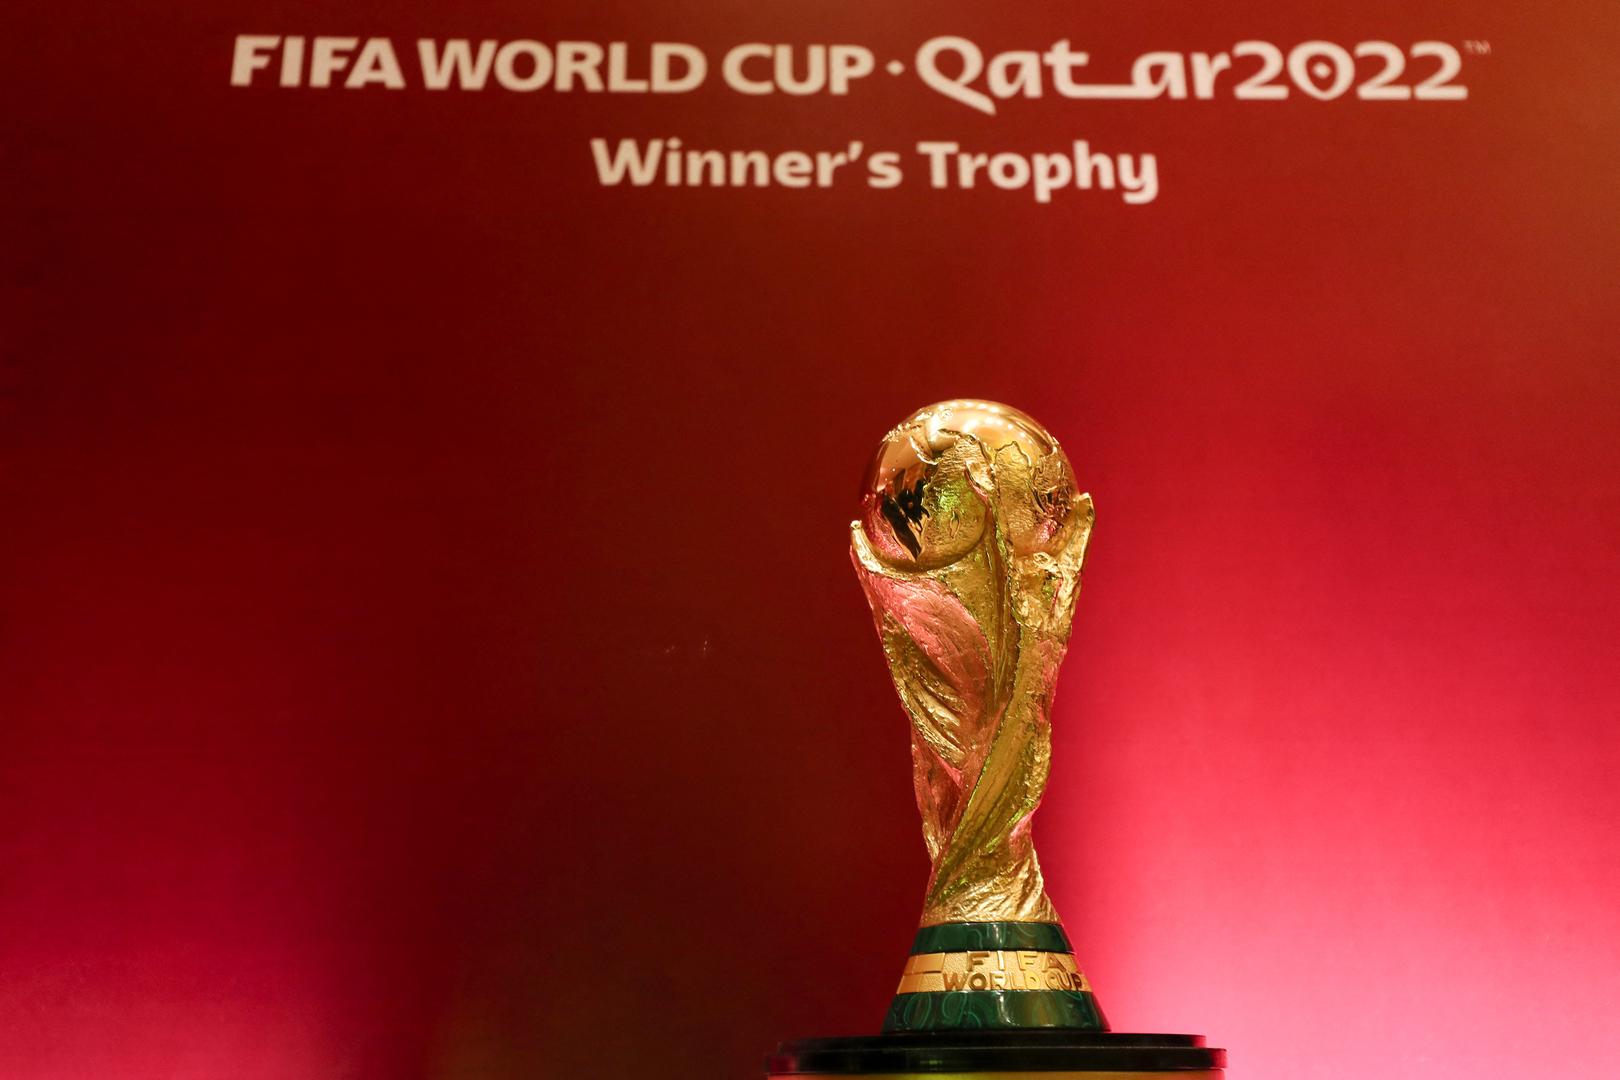 4 دول تدعم الفيفا لإقامة كأس العالم كل عامين